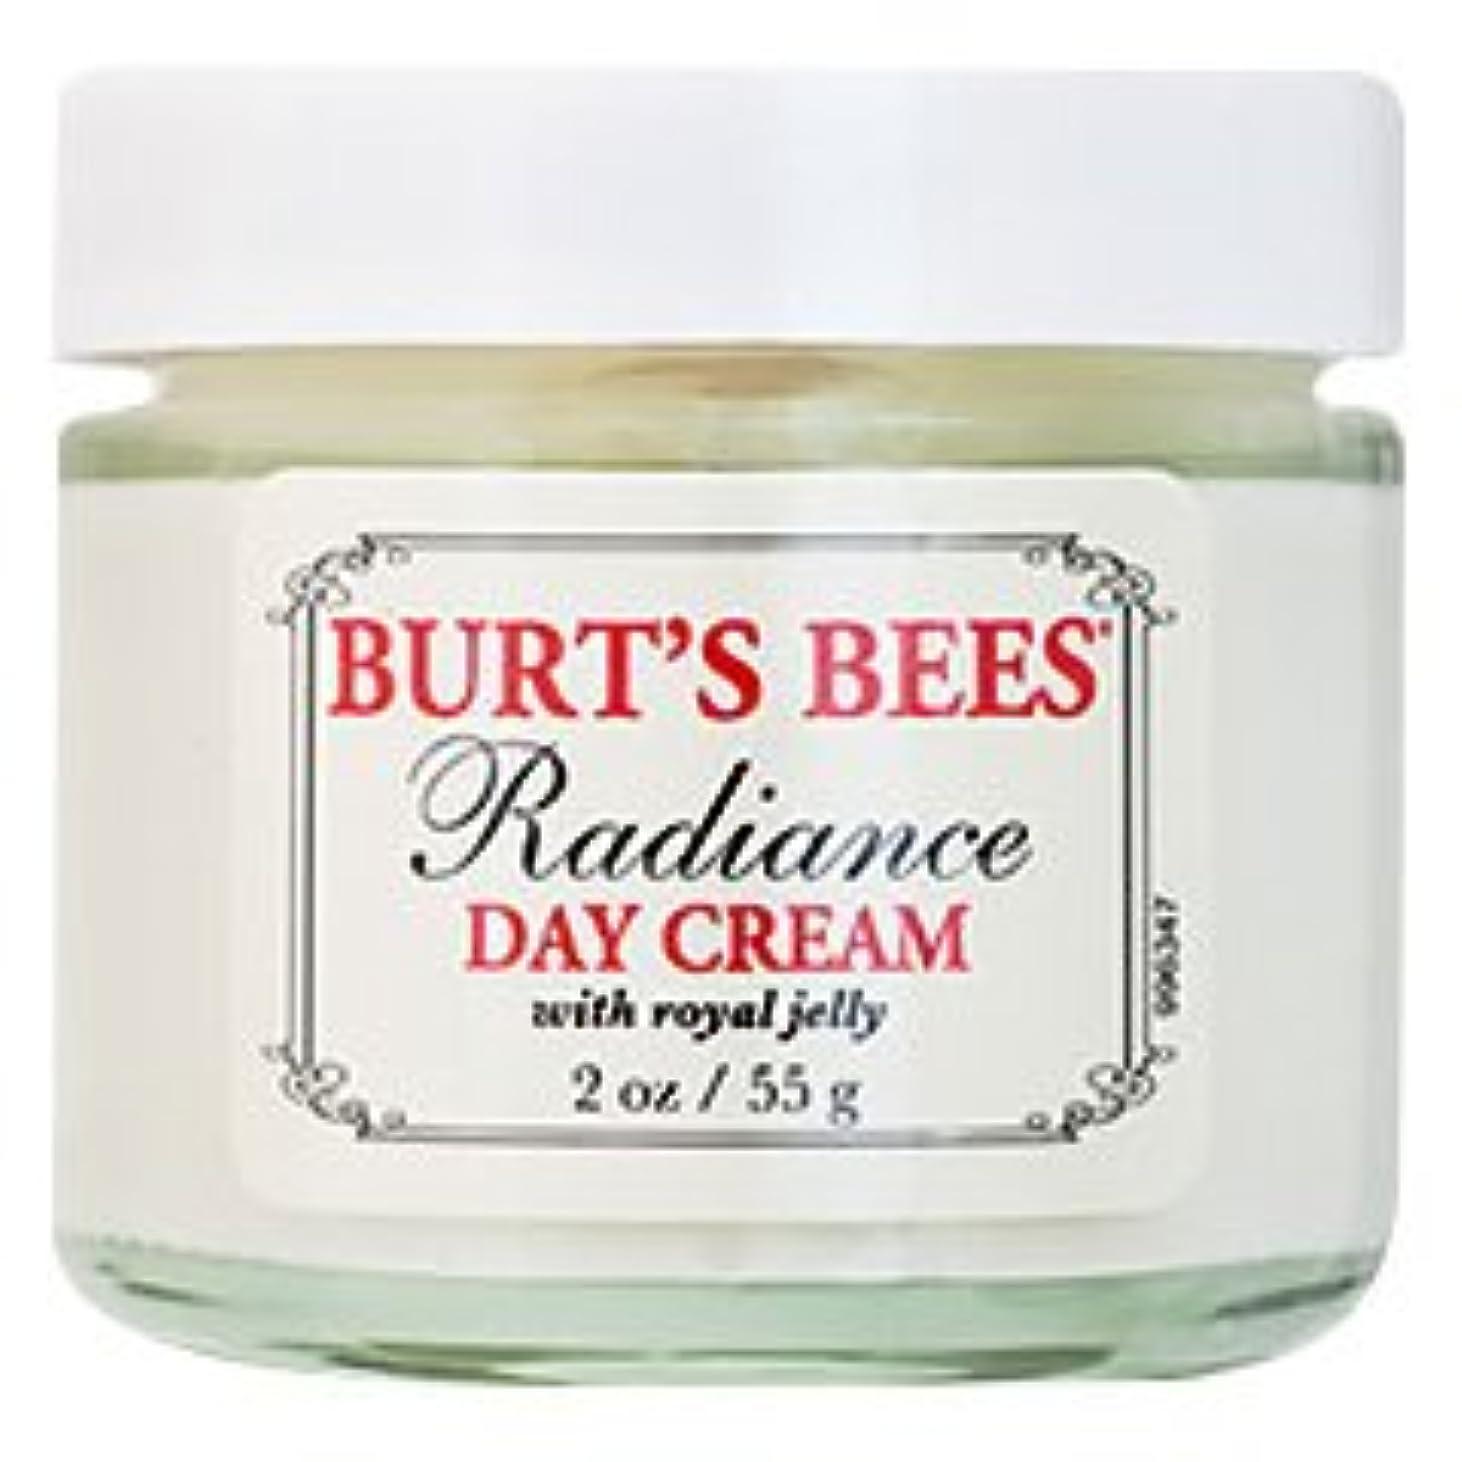 応援するつかむ微生物バーツビーズ(Burt's Bees) ラディアンス デイクリーム(ロイヤルジェリー) 55g [海外直送品][並行輸入品]